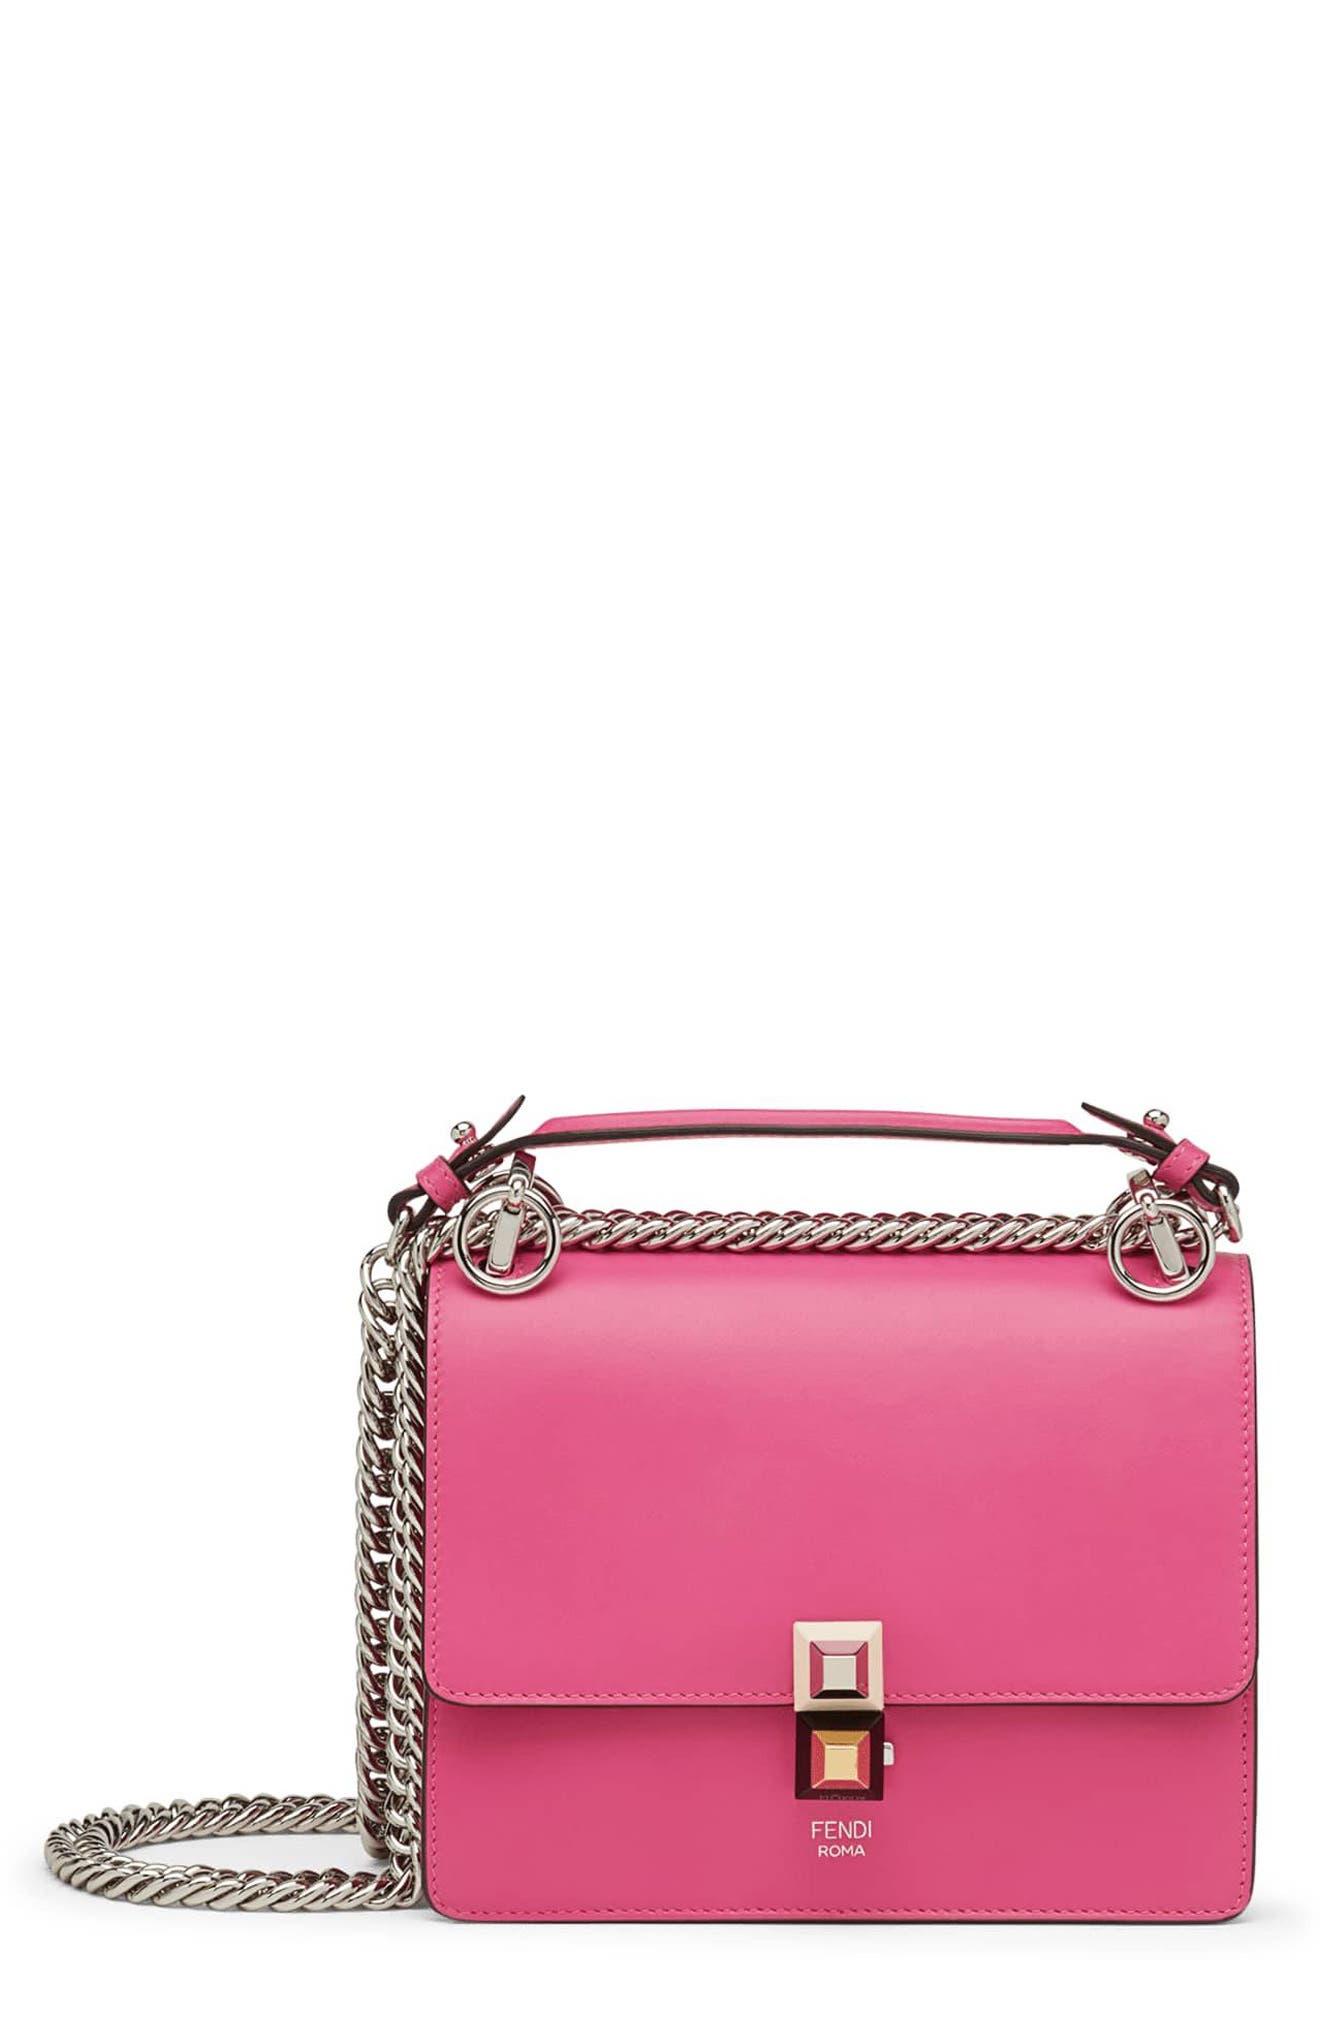 Alternate Image 1 Selected - Fendi Small Kan I Leather Shoulder Bag